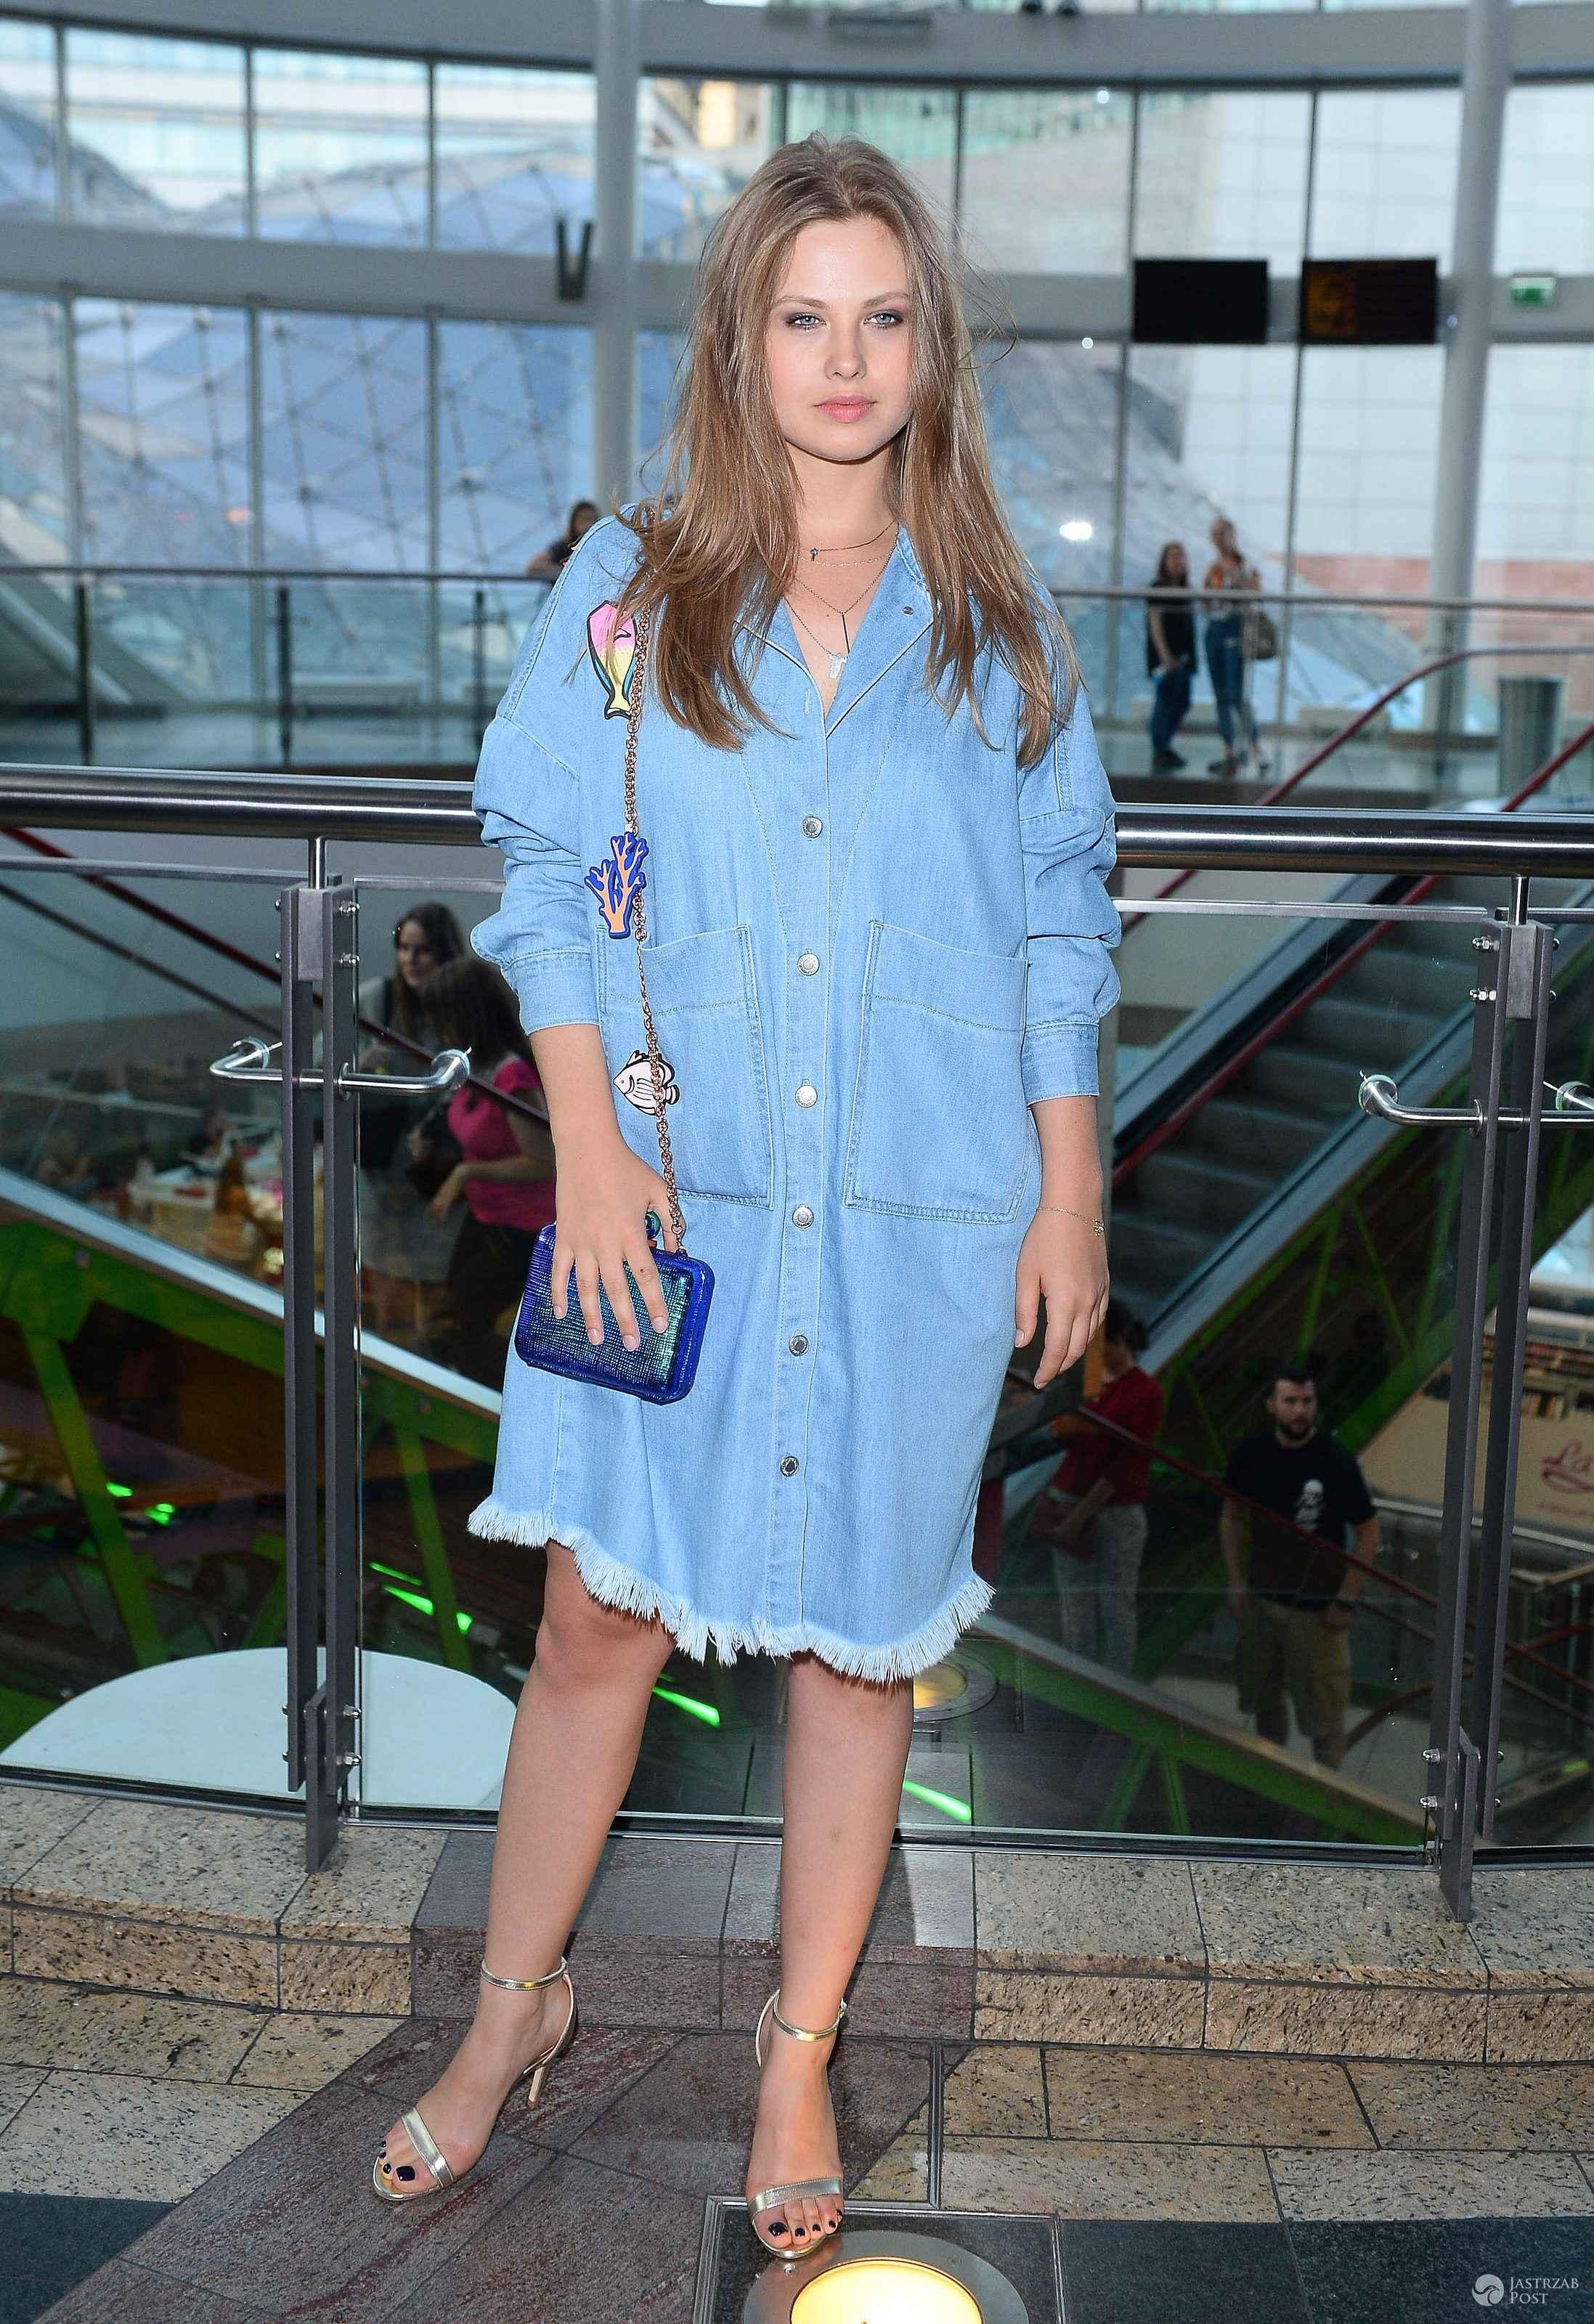 Koszula: Zara. Anna Karczmarczyk (fot. ONS) - Jastrząb Post